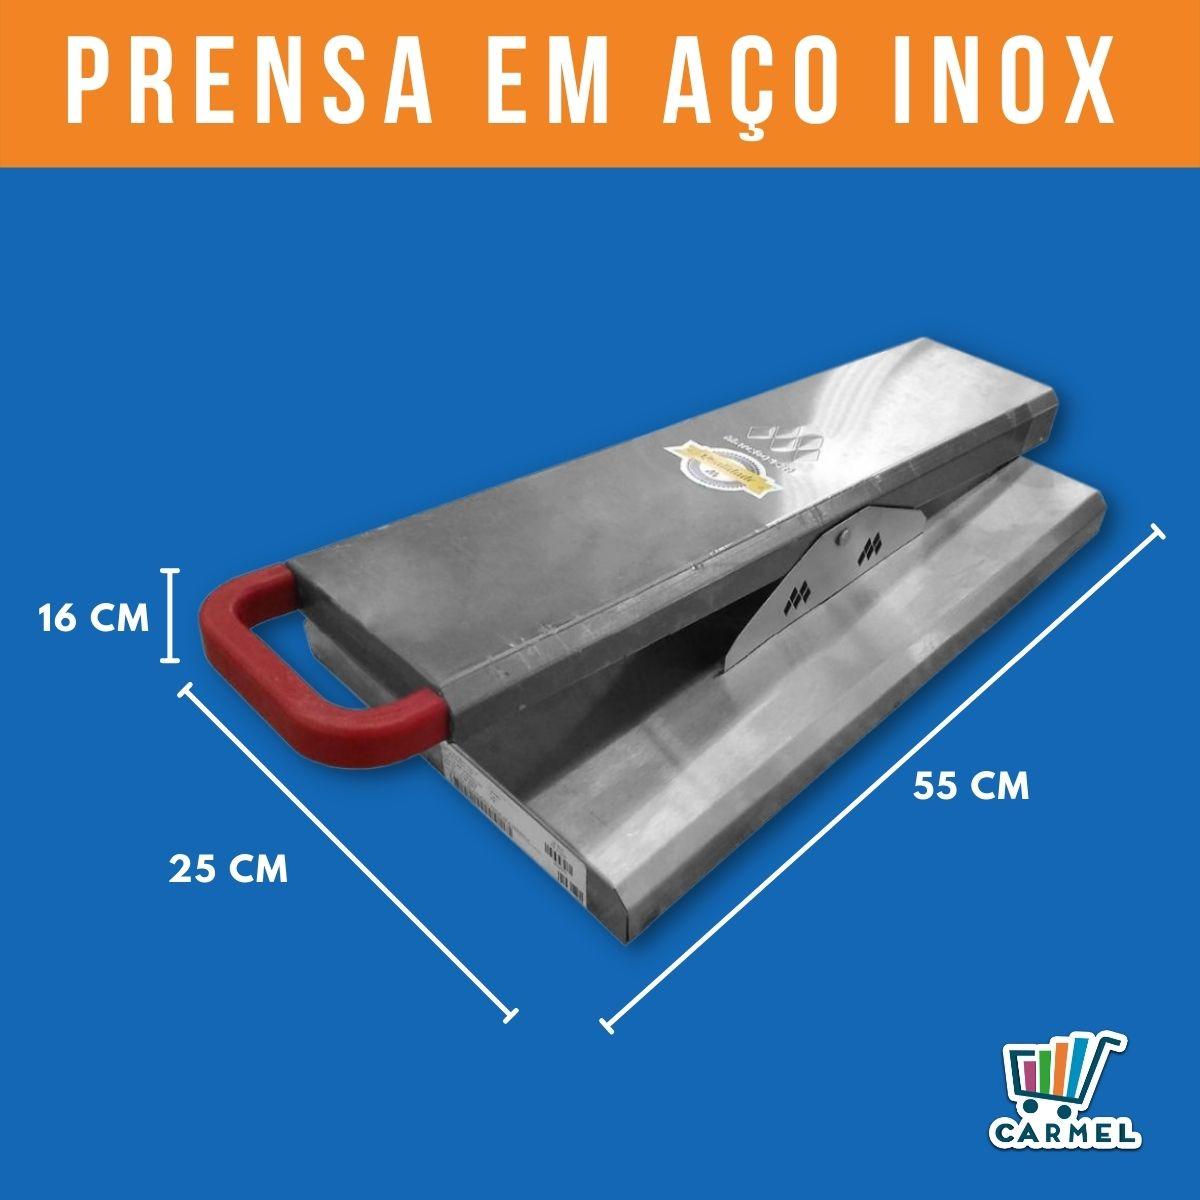 Prensa Chapa Inox Compatível Com Chapas 60x50 80x50 100x50 120x50 150x50 Marchesoni  - Carmel Equipamentos